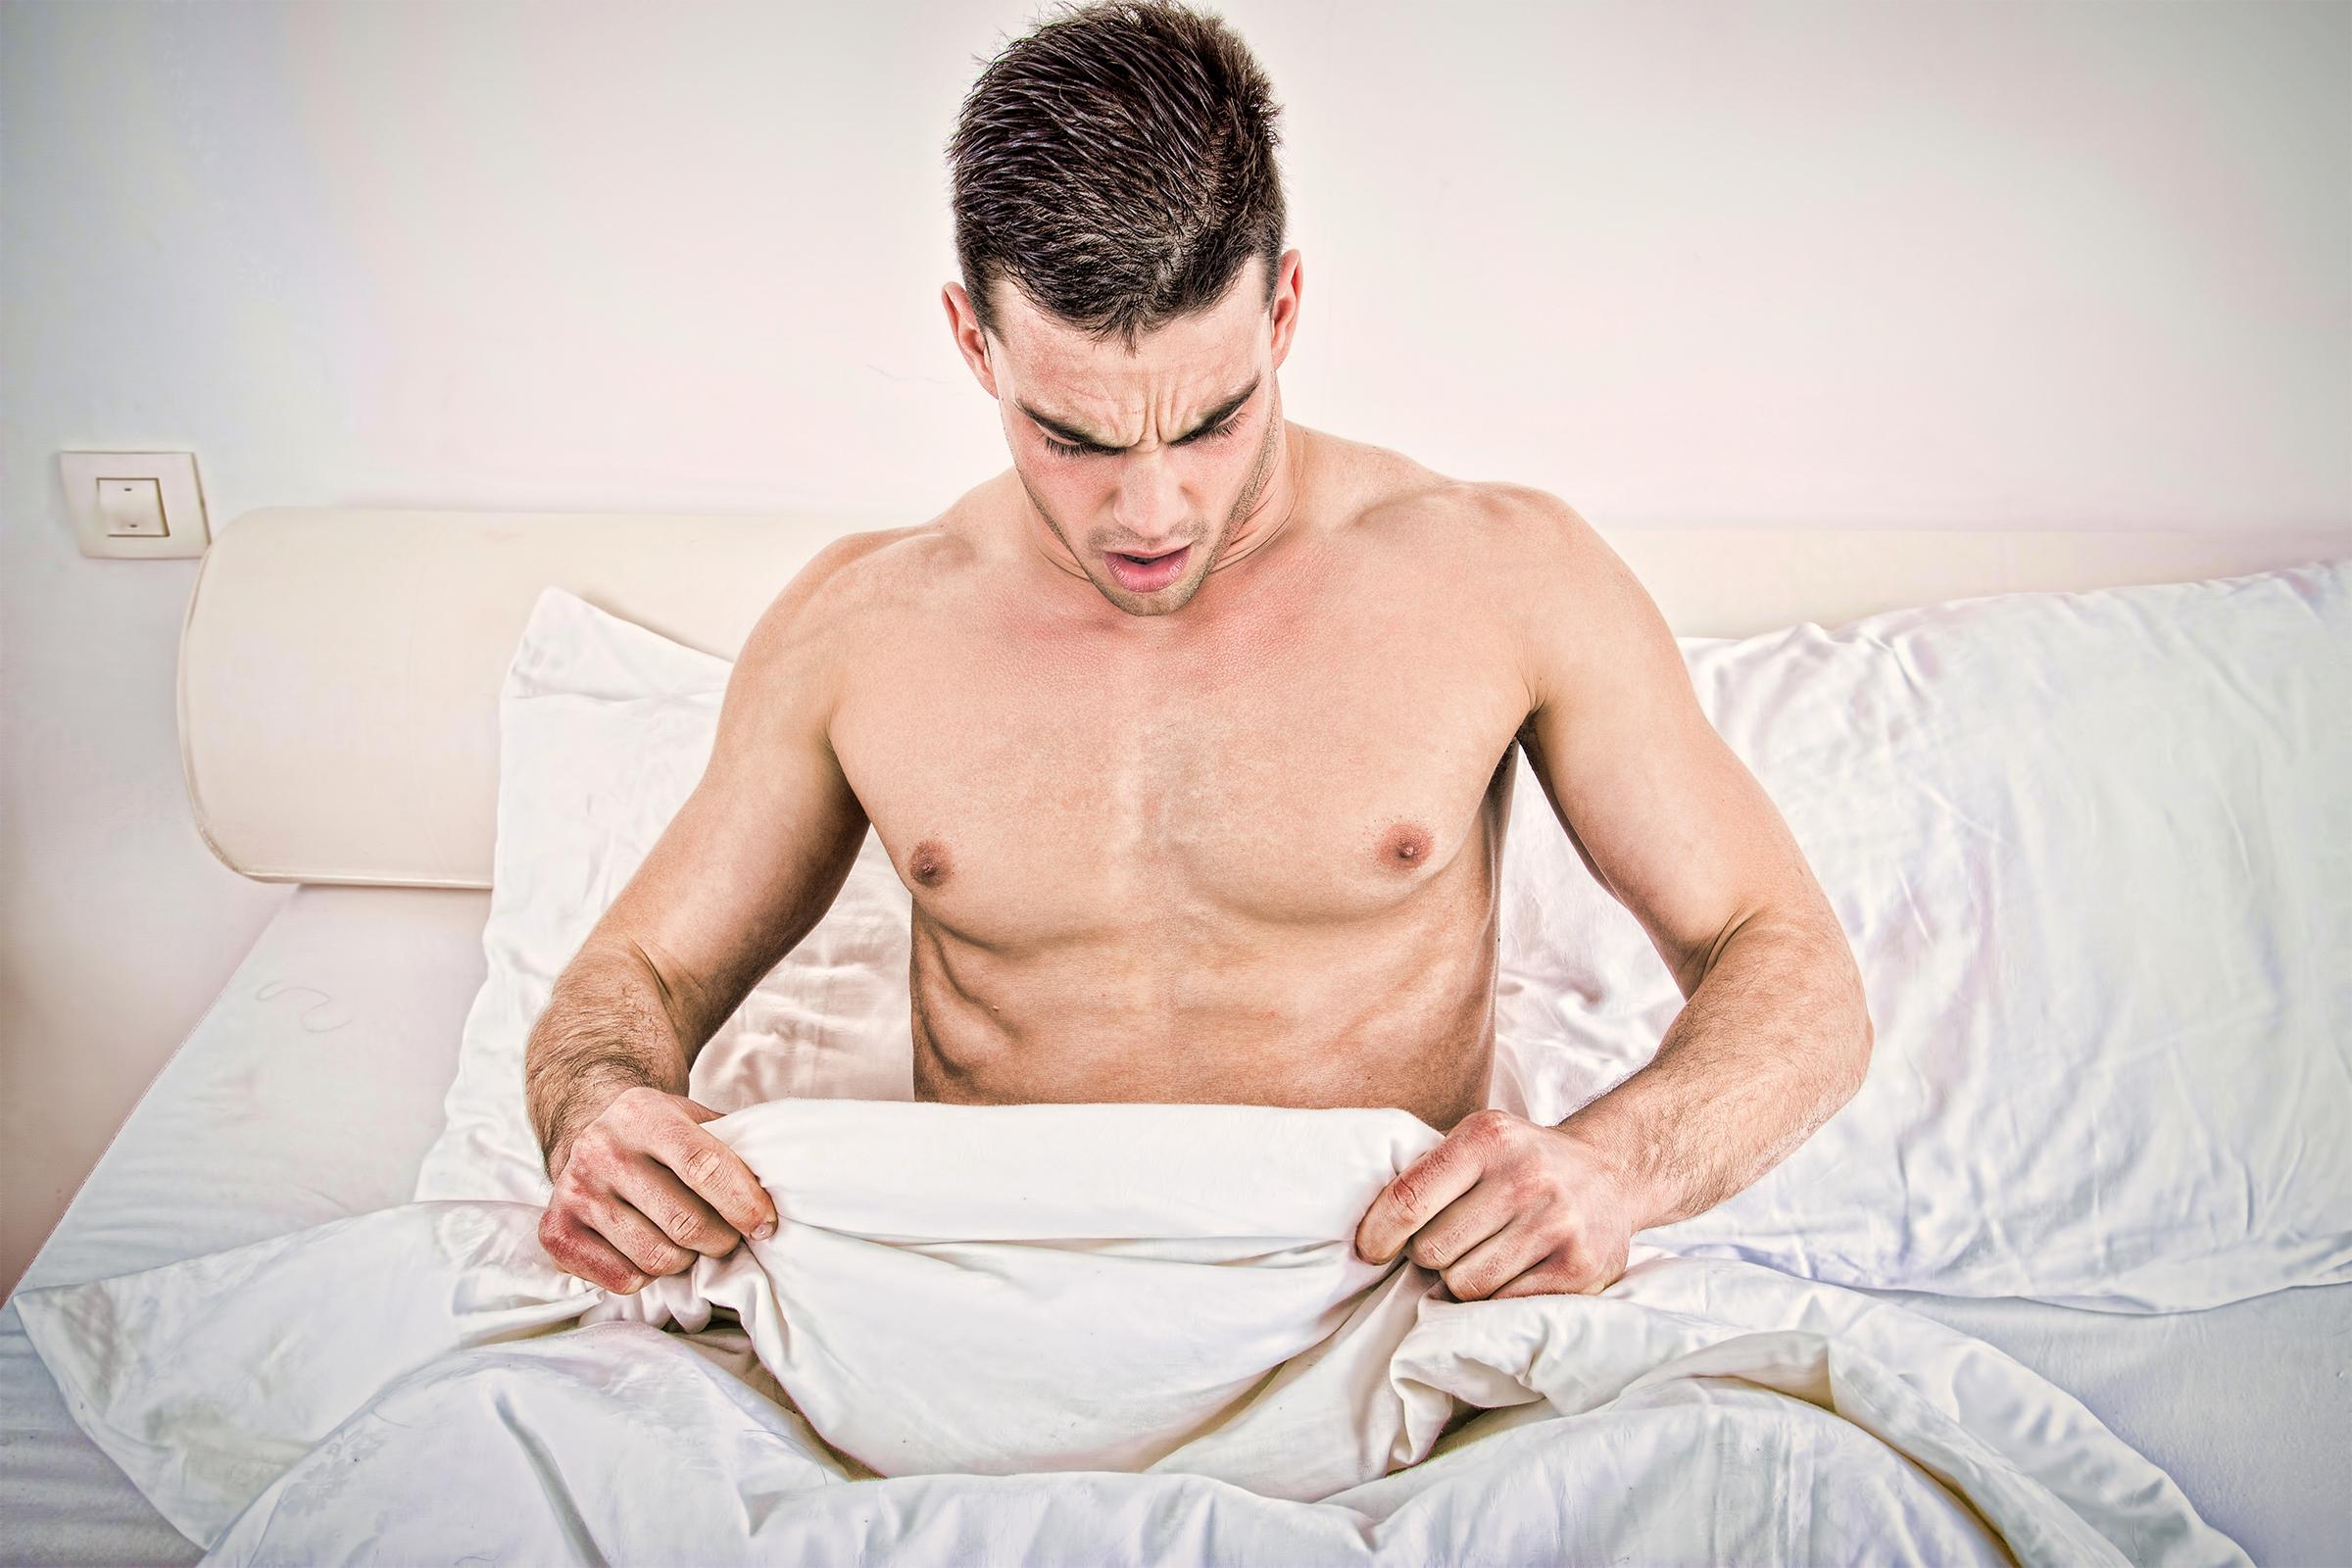 lehetséges-e a pénisz edzése